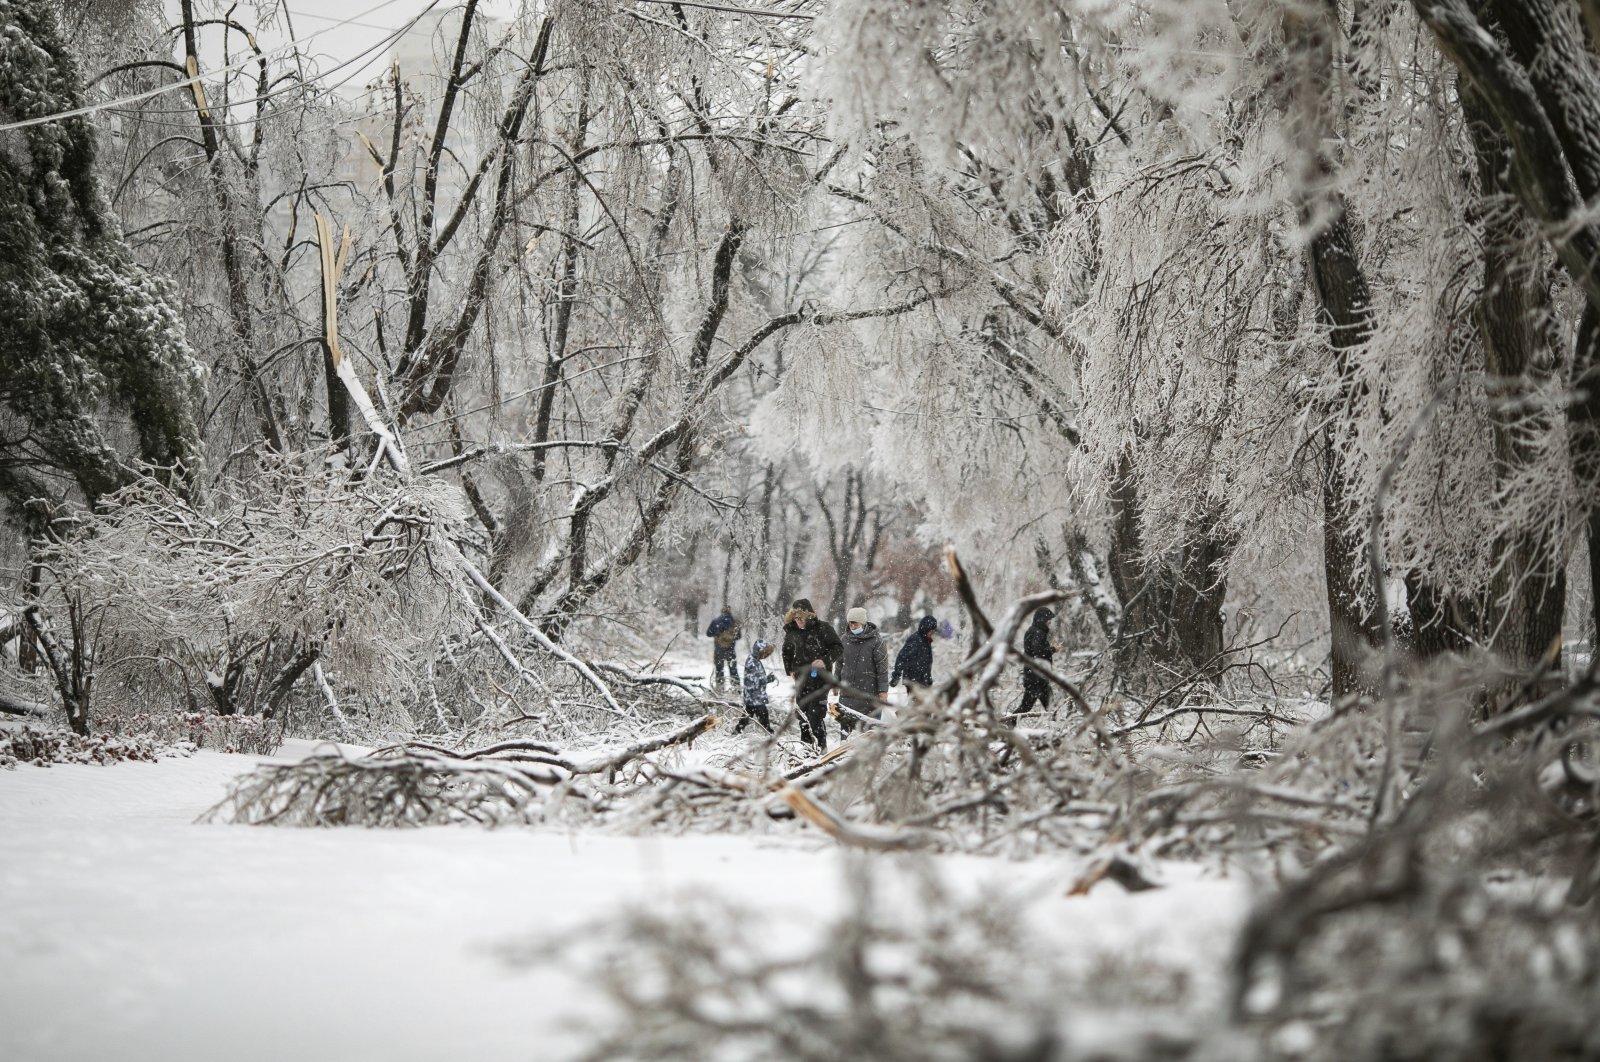 People walk between fallen tree branches after an ice storm in Vladivostok, Russia, Nov. 20, 2020. (AP Photo)